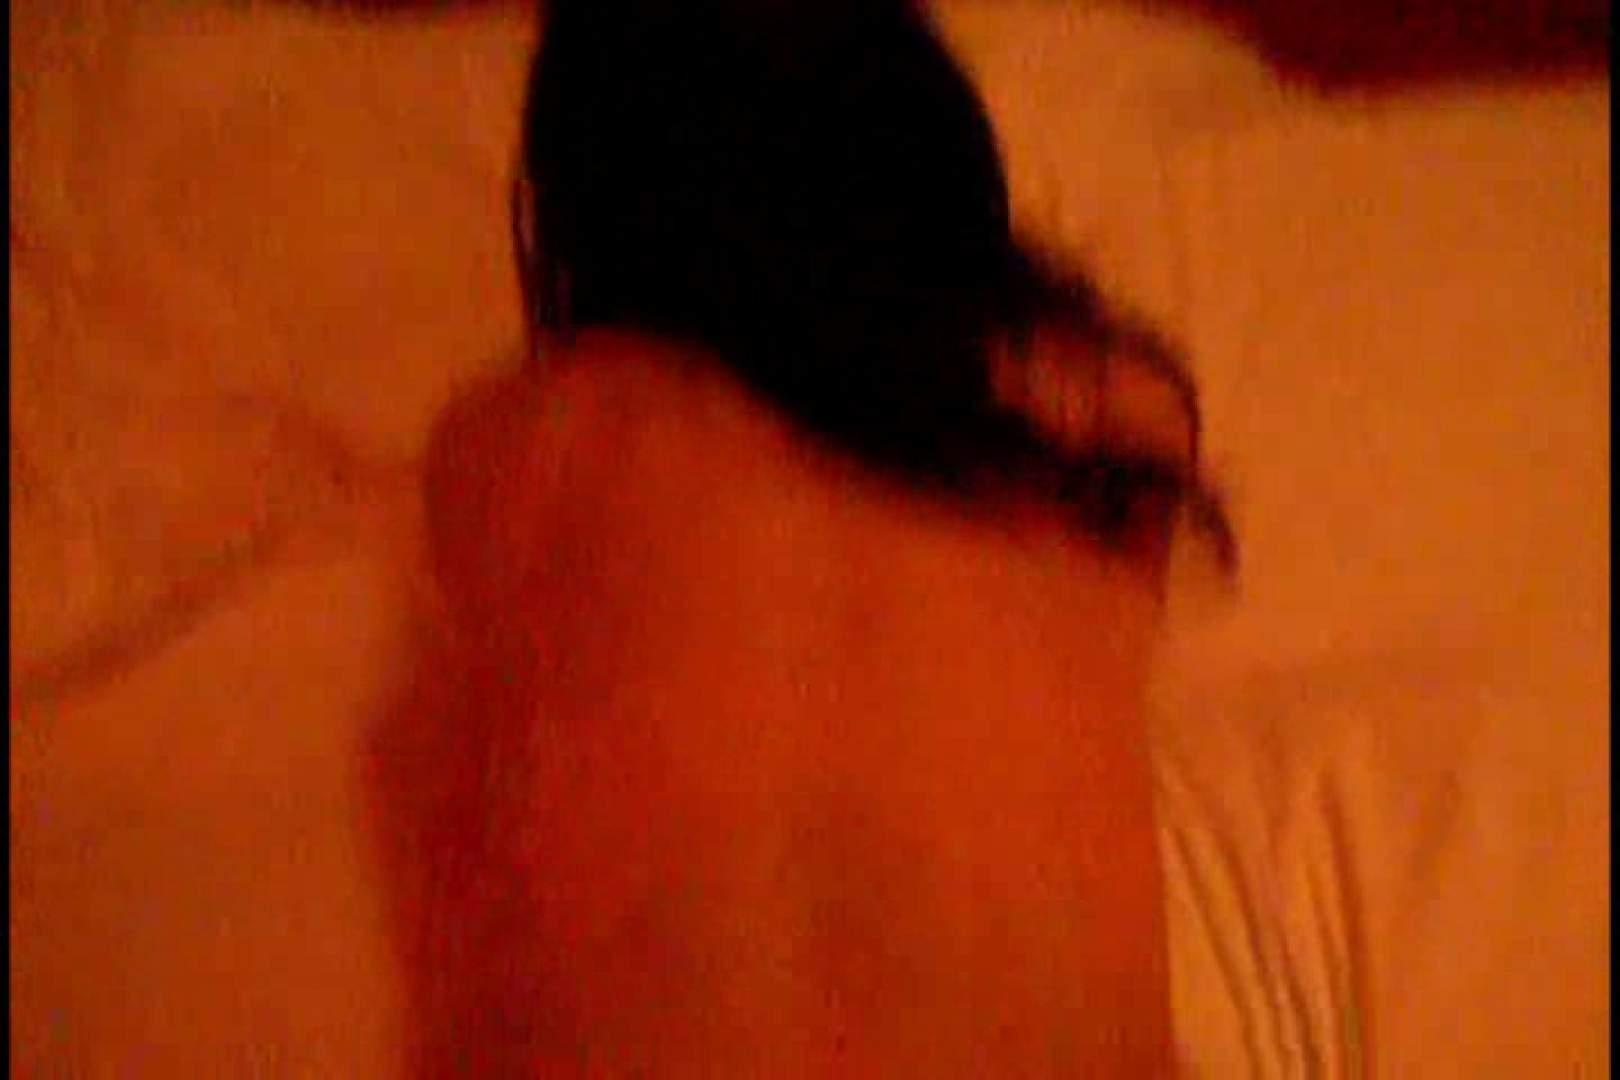 某掲示板に投稿された素人女性たちVOL.9 ホテル   素人流出  94PIX 46